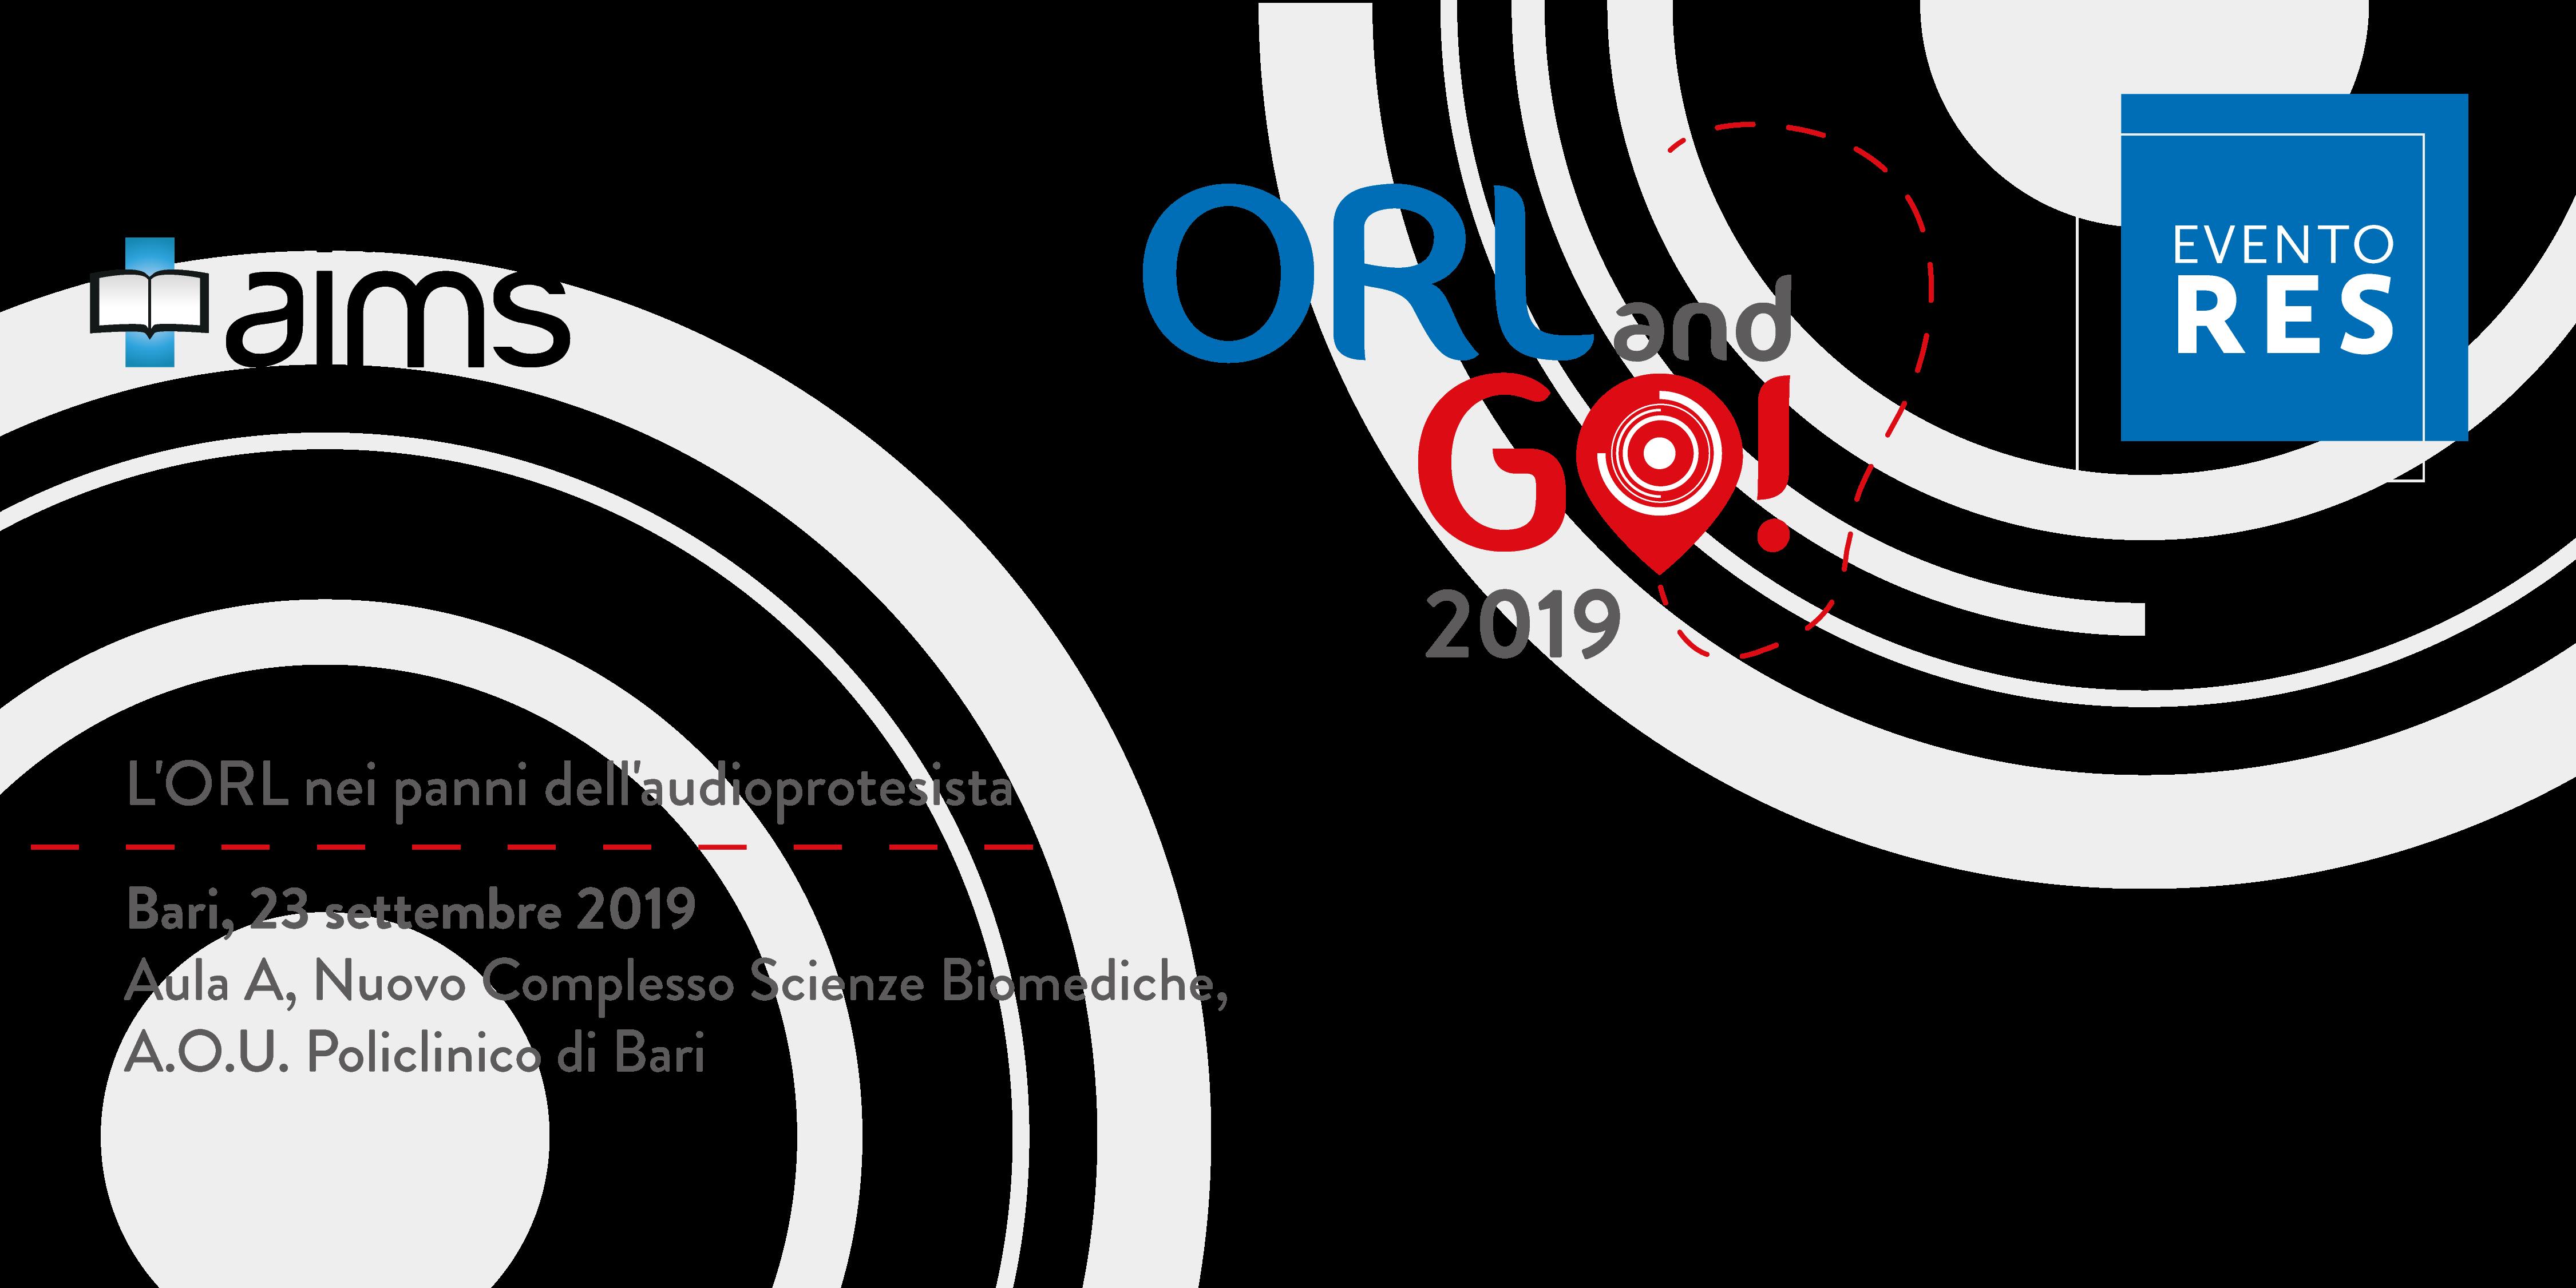 visual sito eventi RES 2018-2019-17